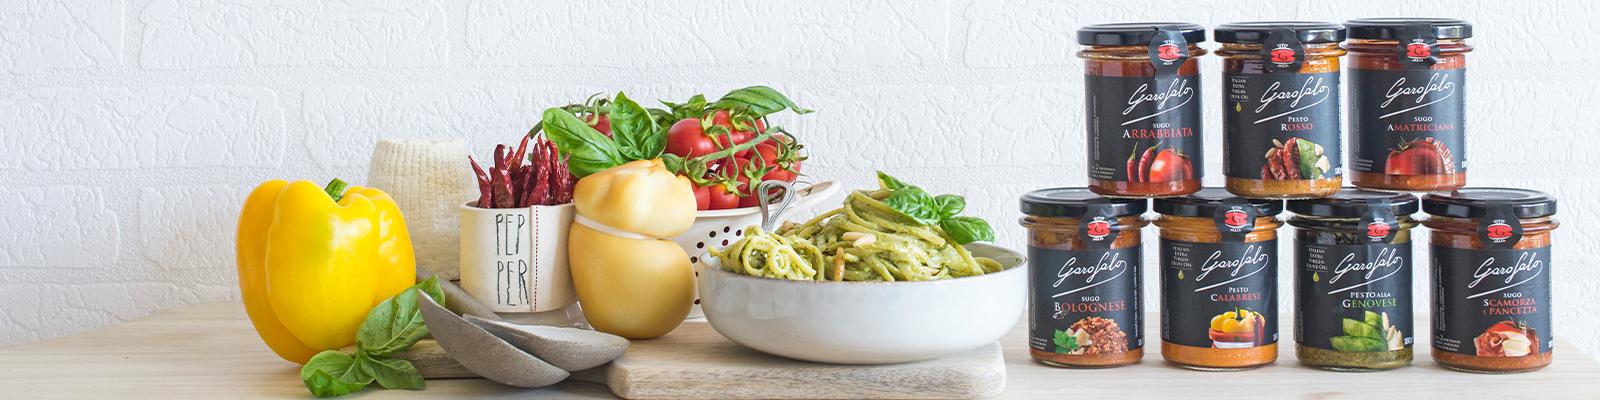 Pasta Garofalo - Saucen